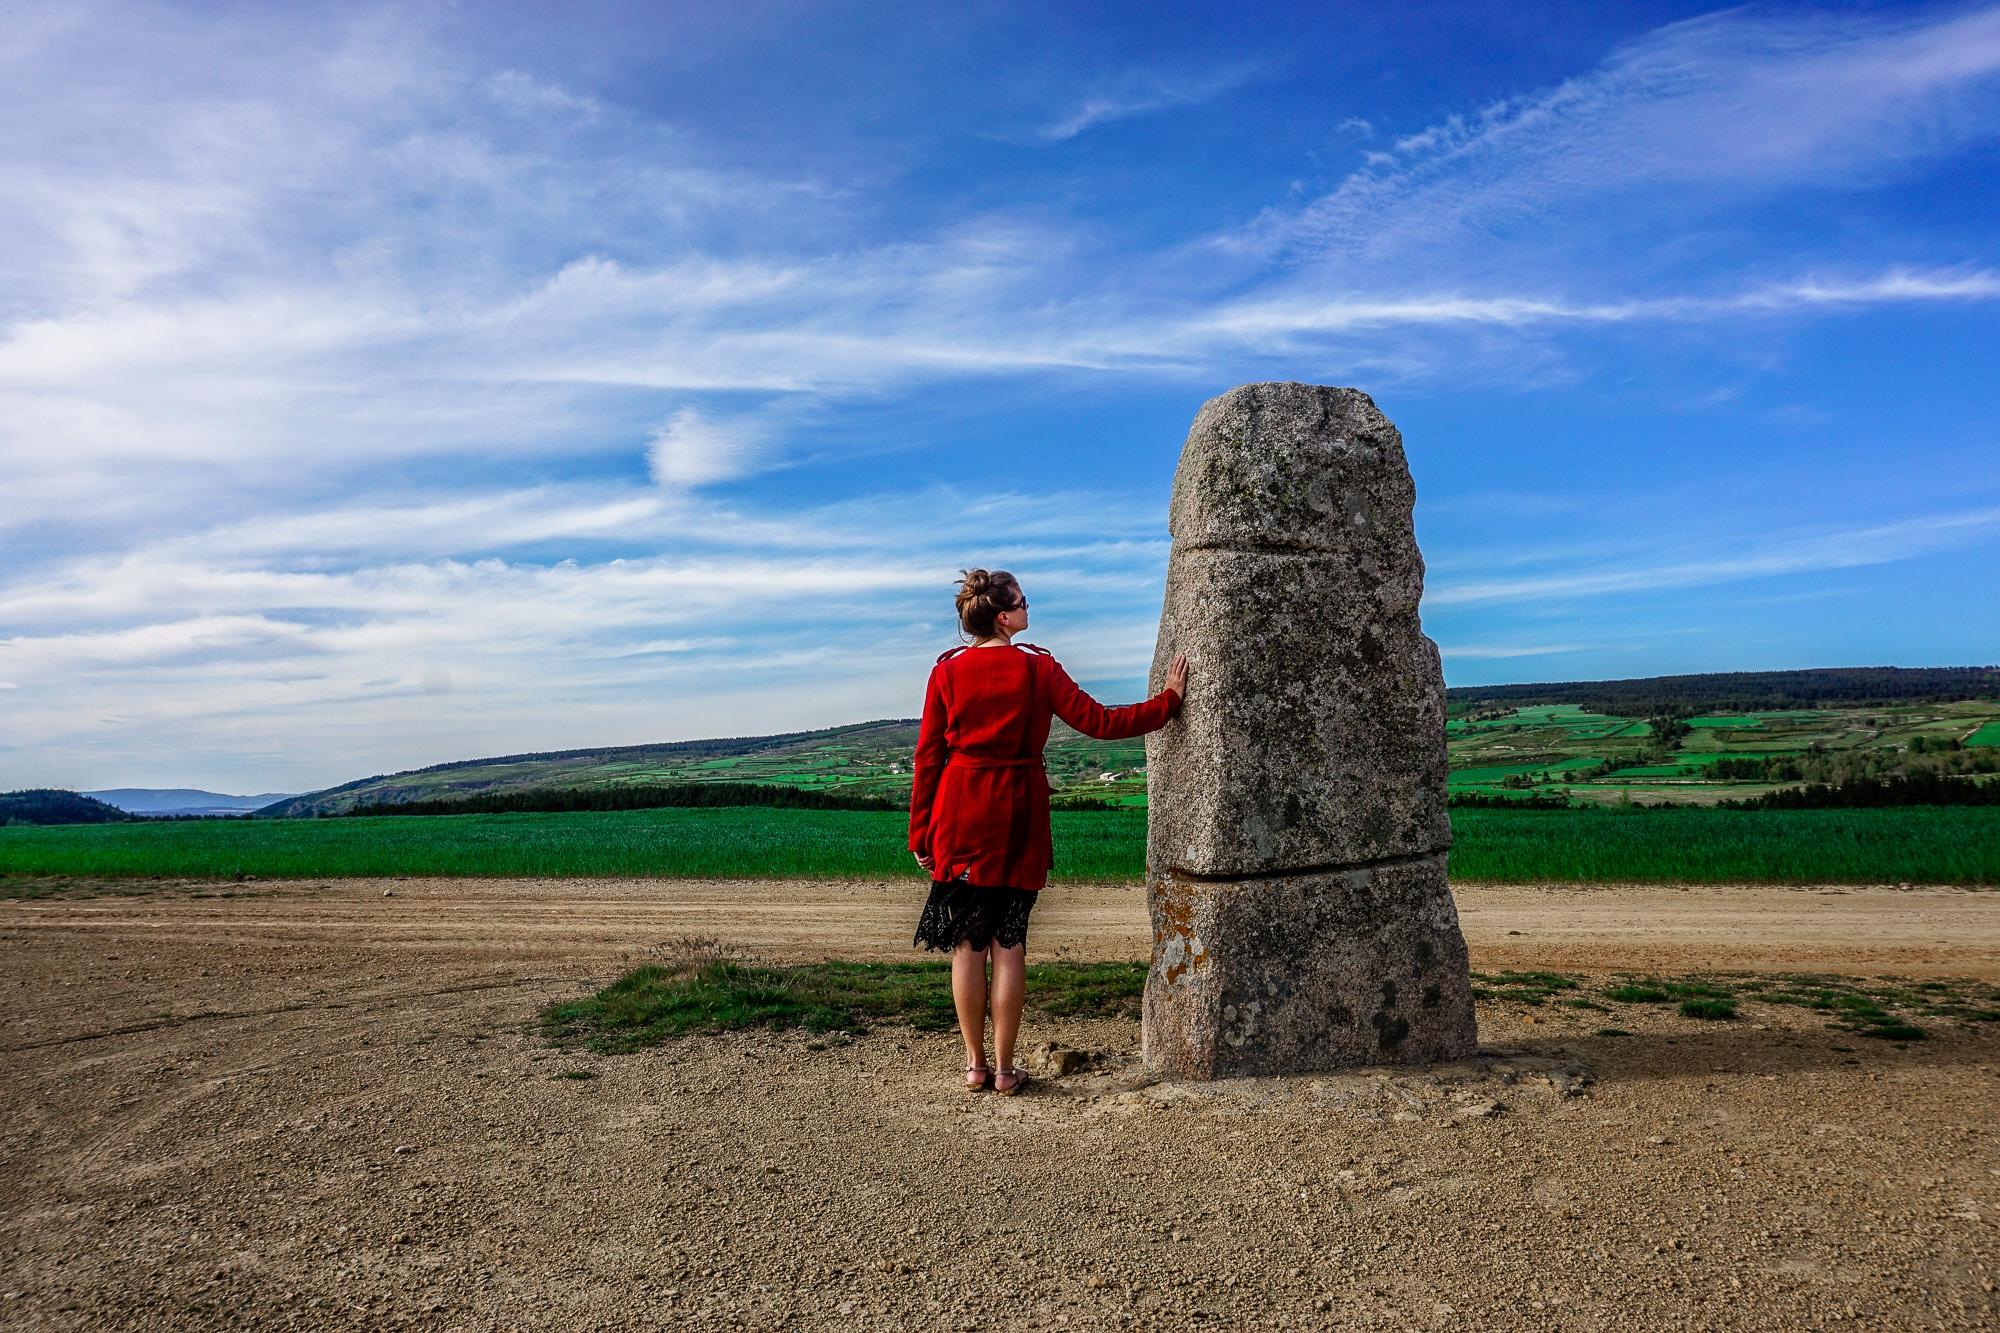 Frankreich Roadtrip: 8 Stopps, Unterkünfte und Tipps für die Route auf der Frankreich Reise